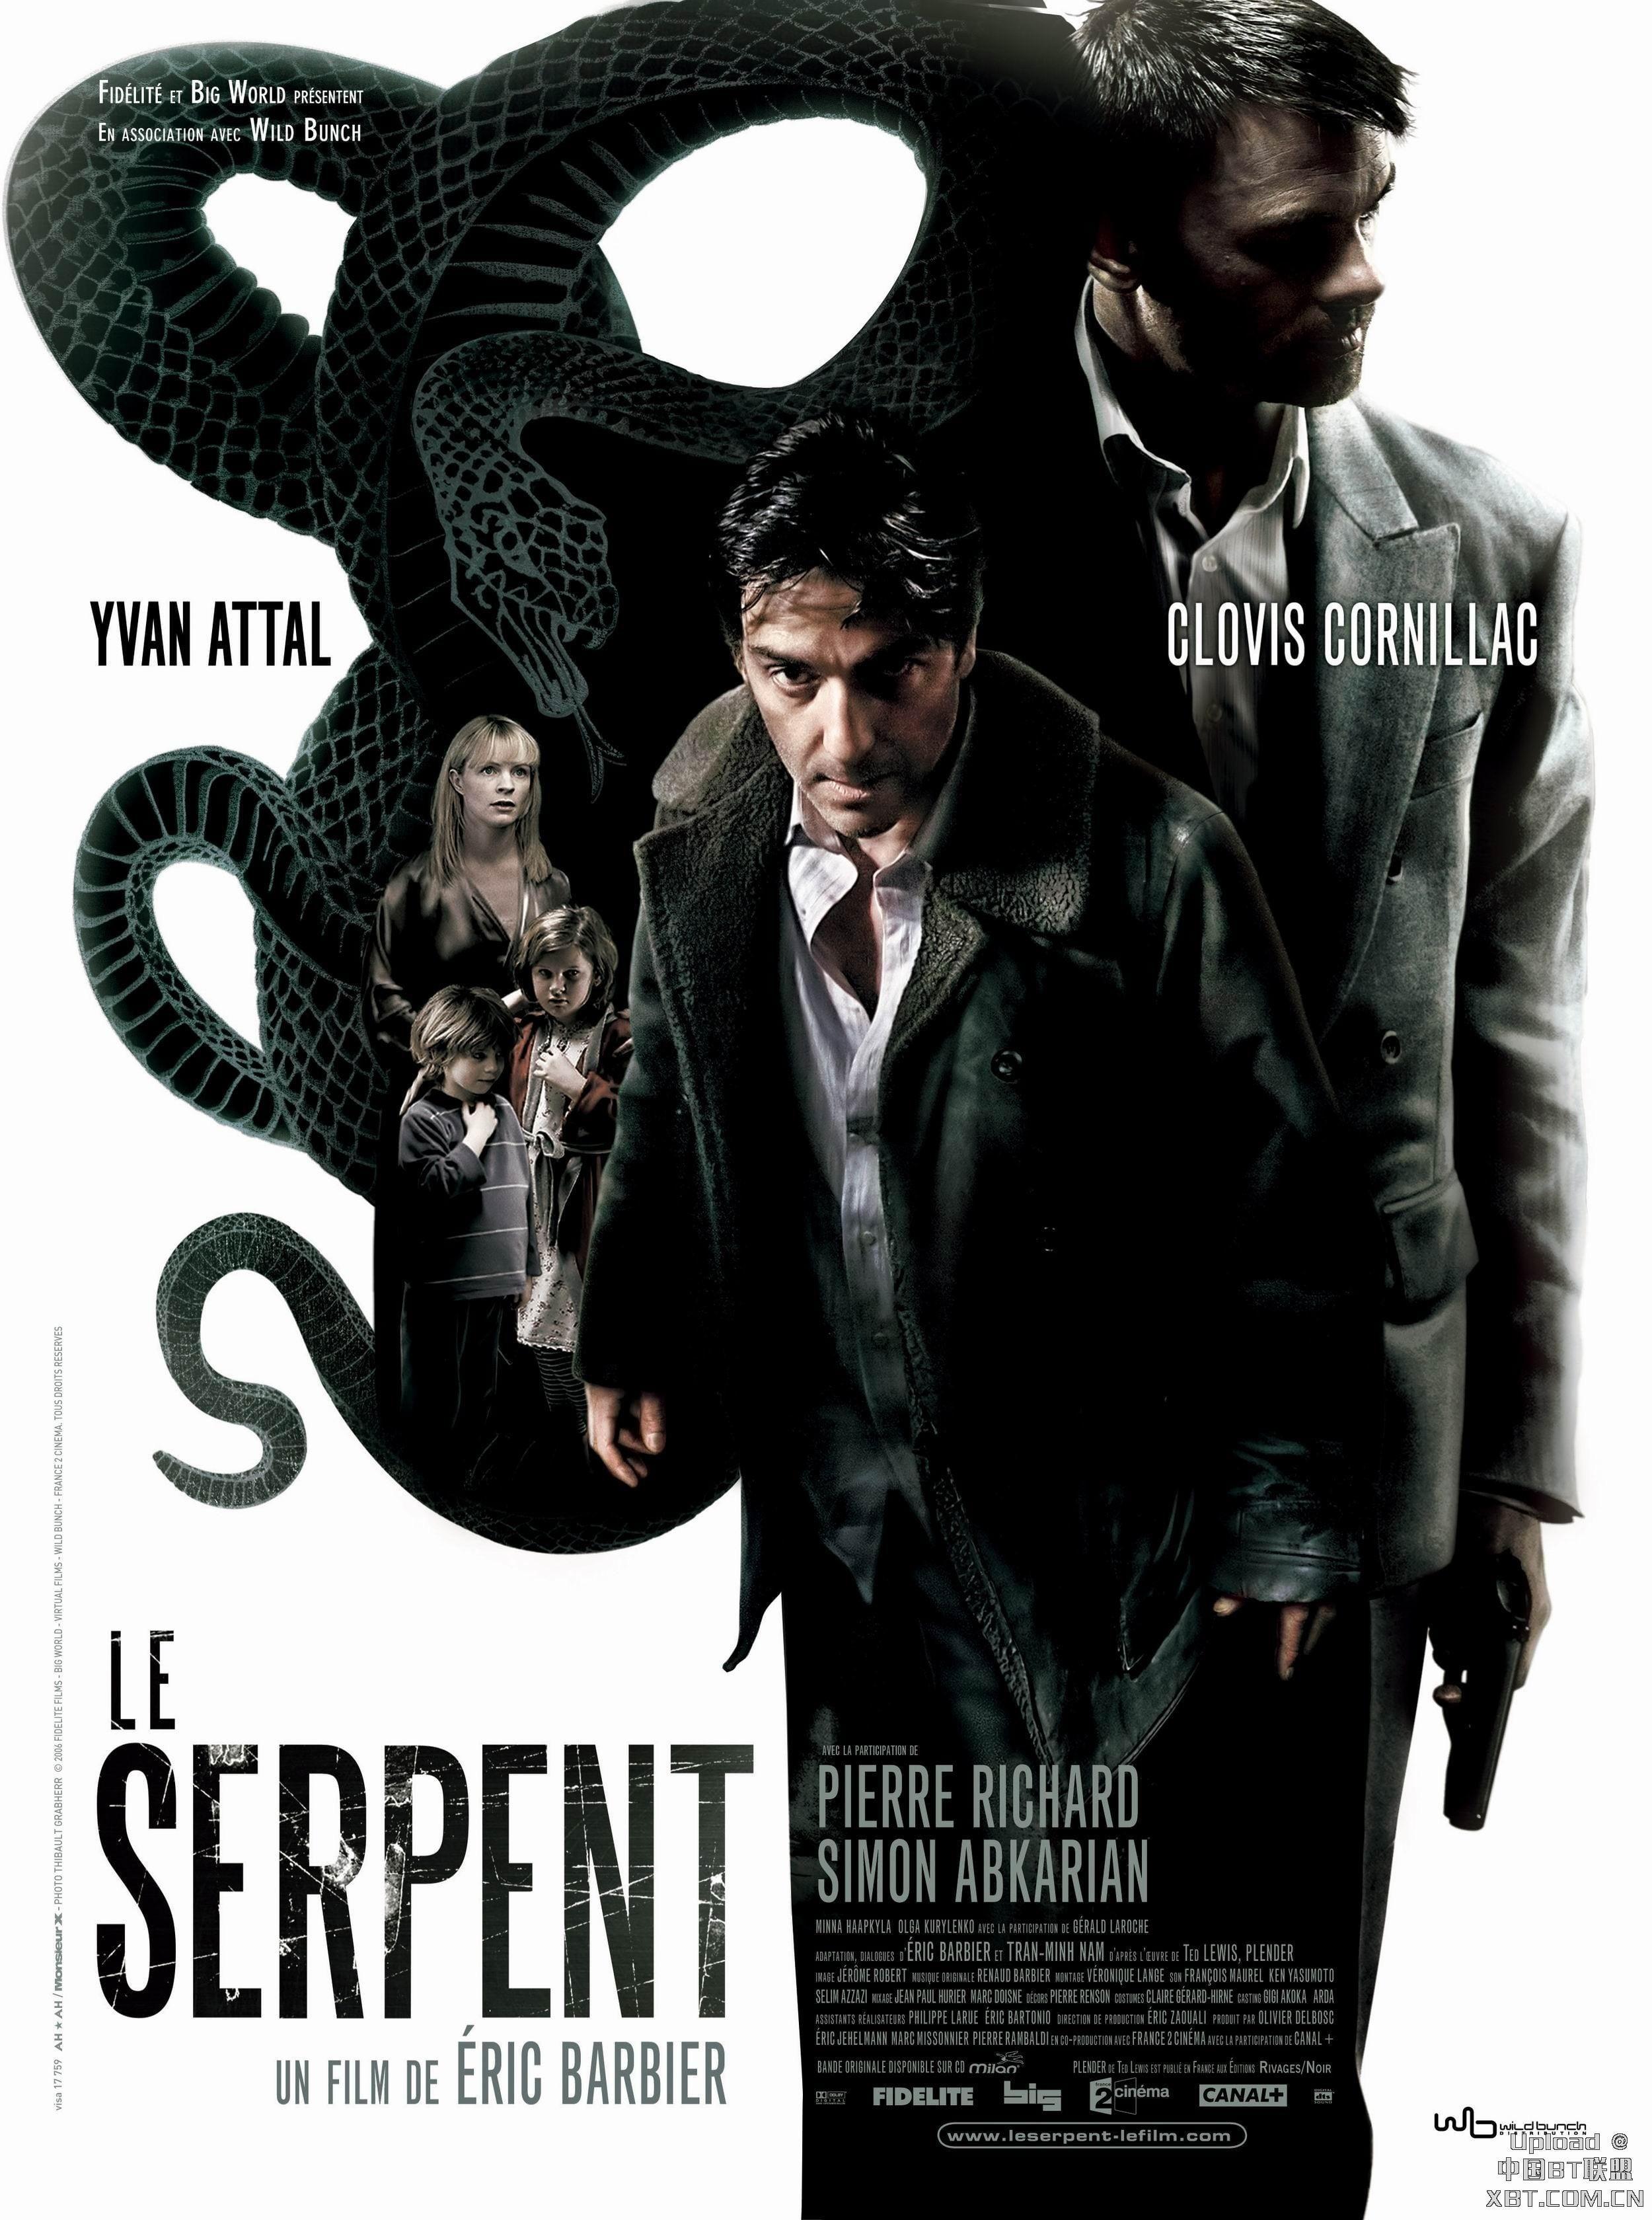 affiche du film Le serpent (2006)